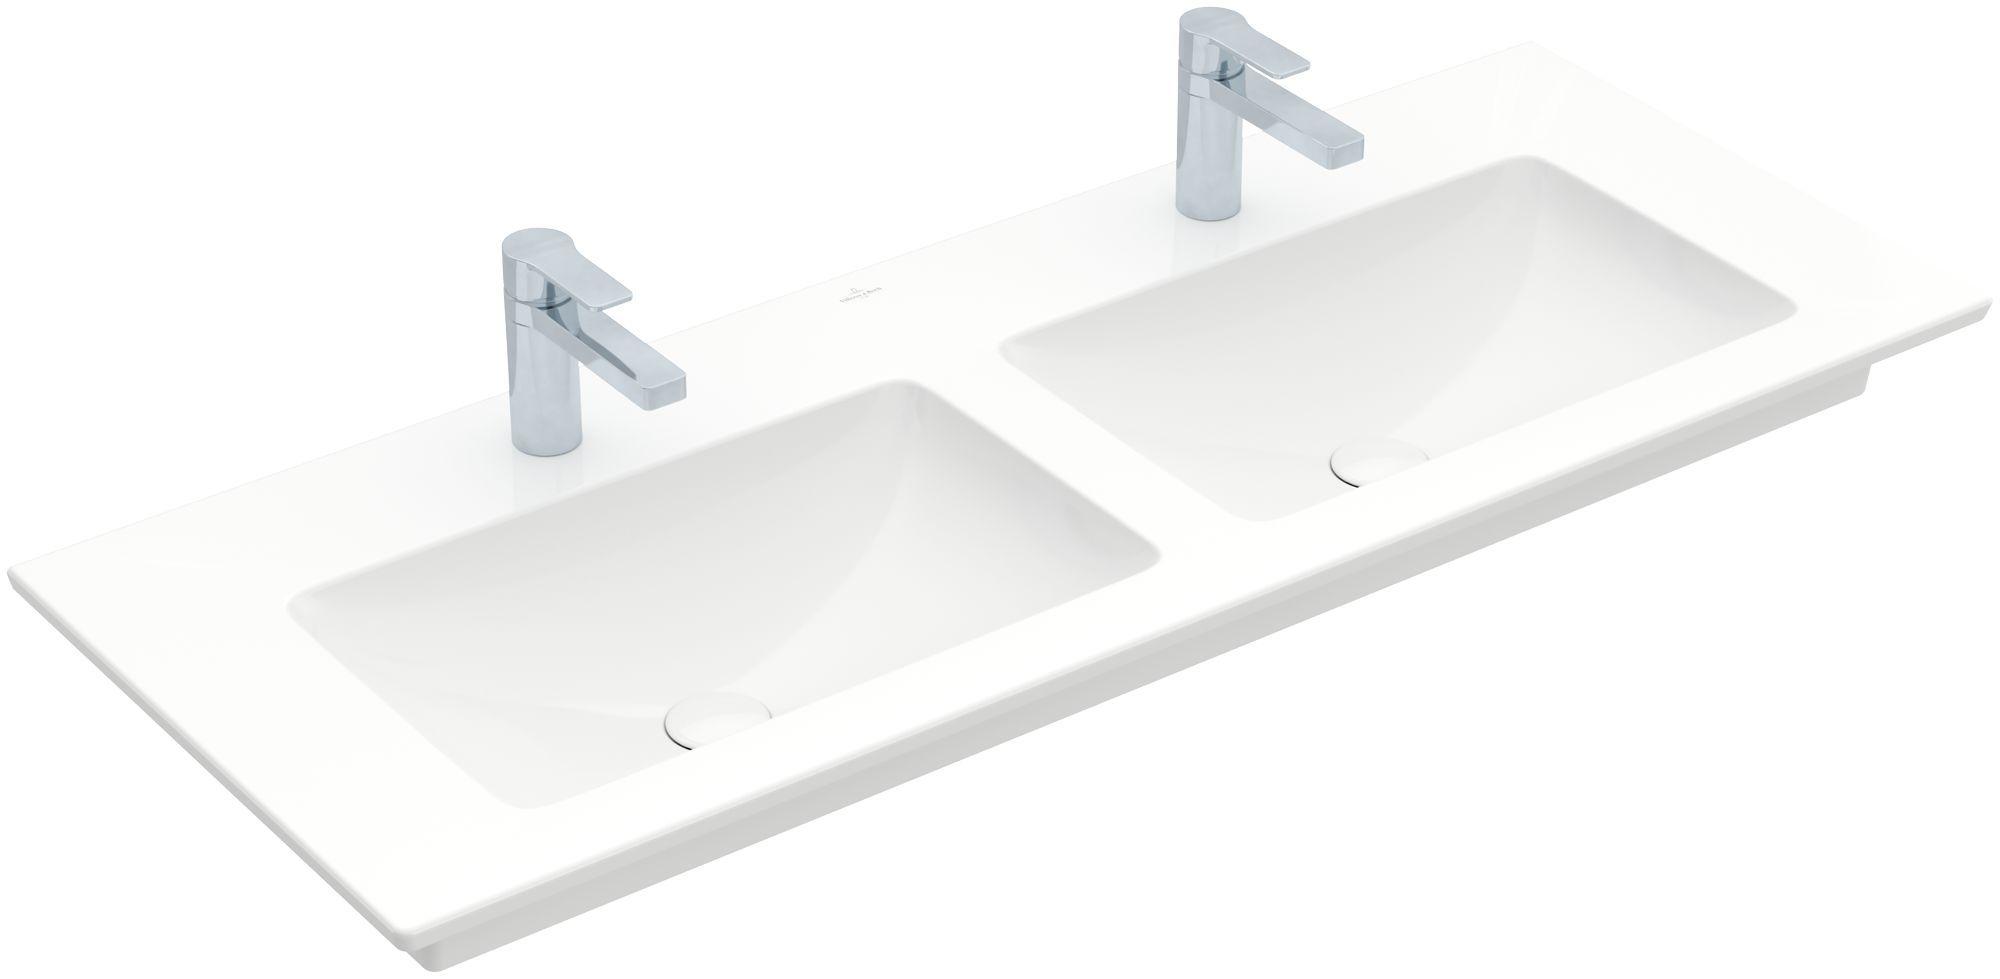 Villeroy & Boch Venticello Möbel-Doppelwaschtisch B:130xT:50cm 1 Hahnloch ohne Überlauf weiß 4111DG01